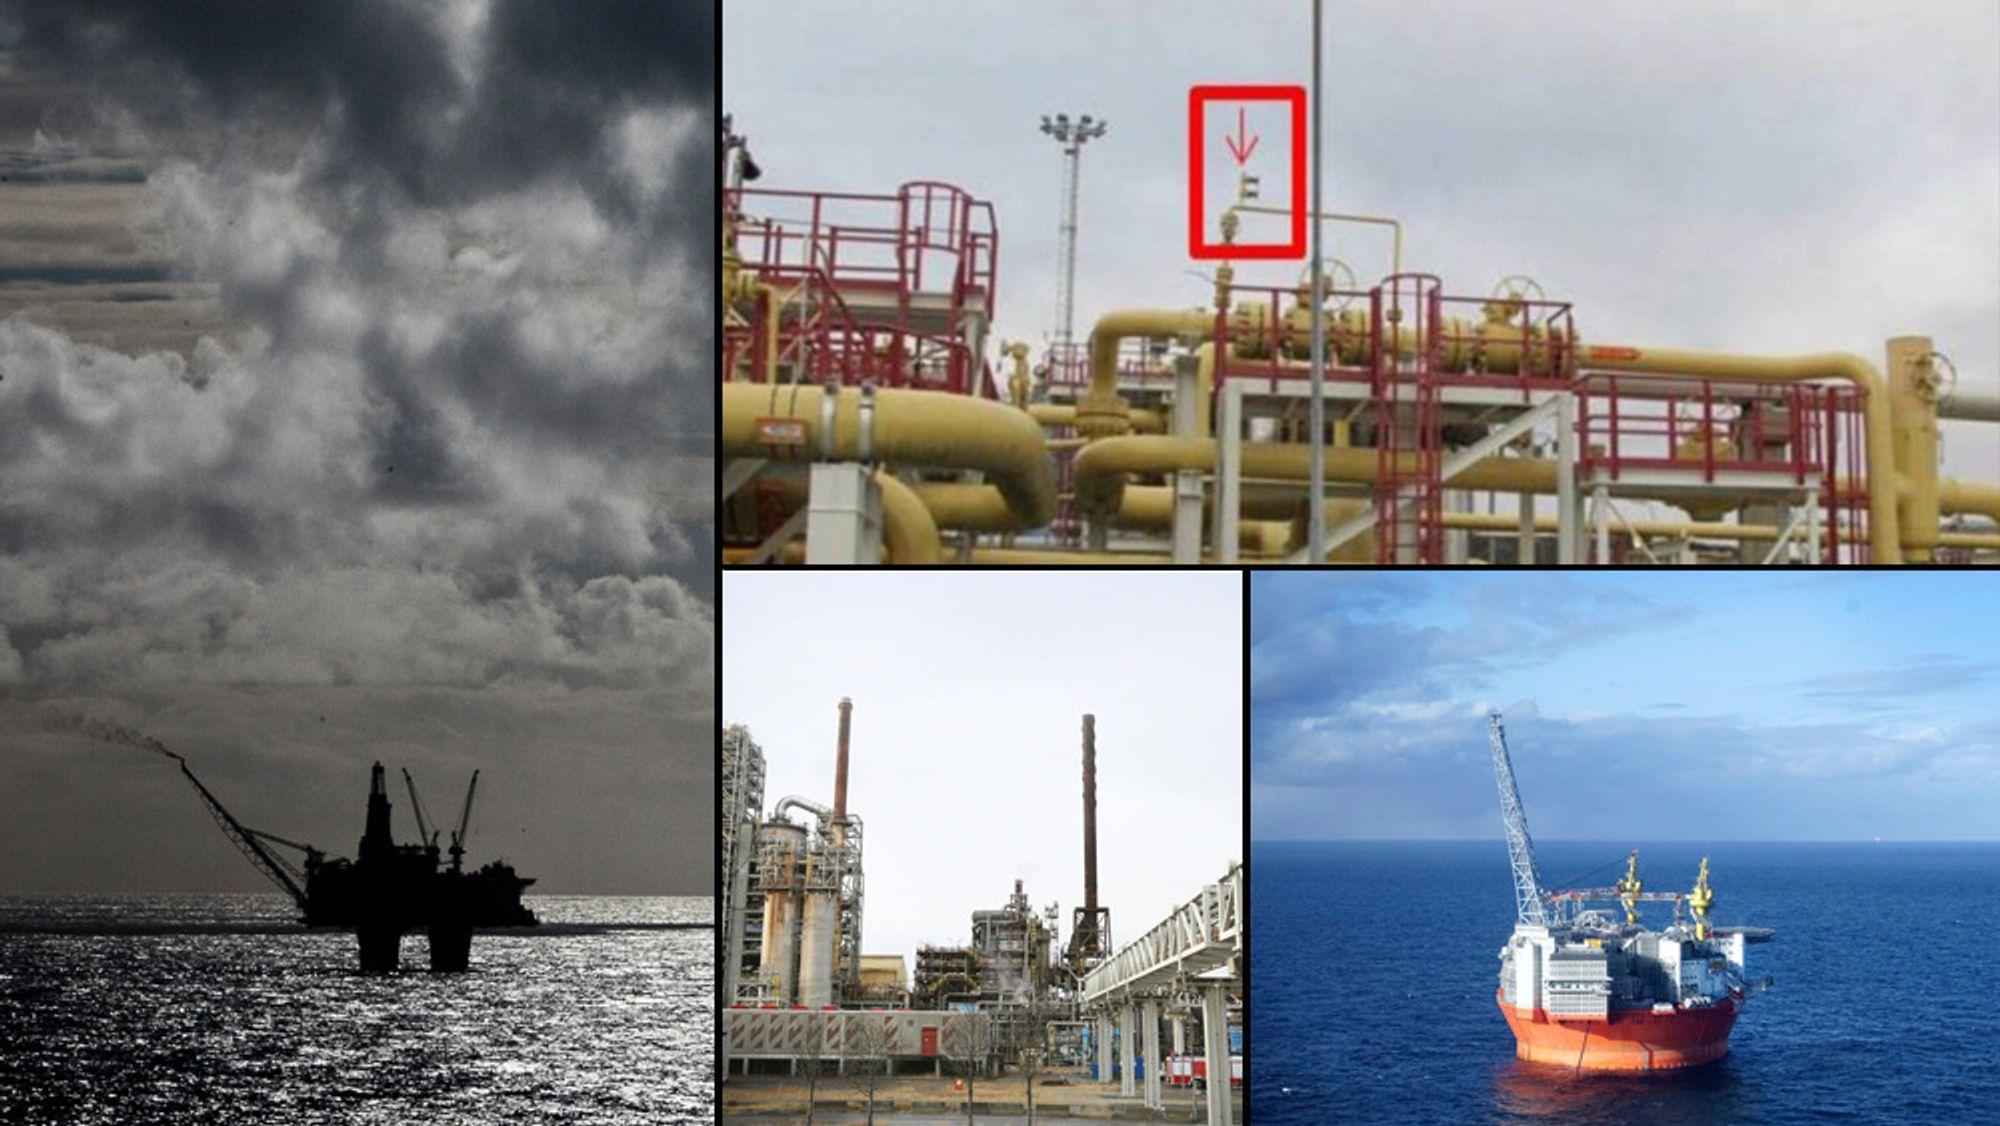 Petroleumstilsynet gransket et rekordhøyt antall alvorlige hendelser i fjor, inkludert ett dødsfall. Til tross for at de i april ga et varsku til oljebransjen om at sikkerhetsnivået var på vei ned, har ulykkene bare fortsatt. Nå er de tilført ekstra midler og ansetter flere til å følge opp HMS i oljebransjen.